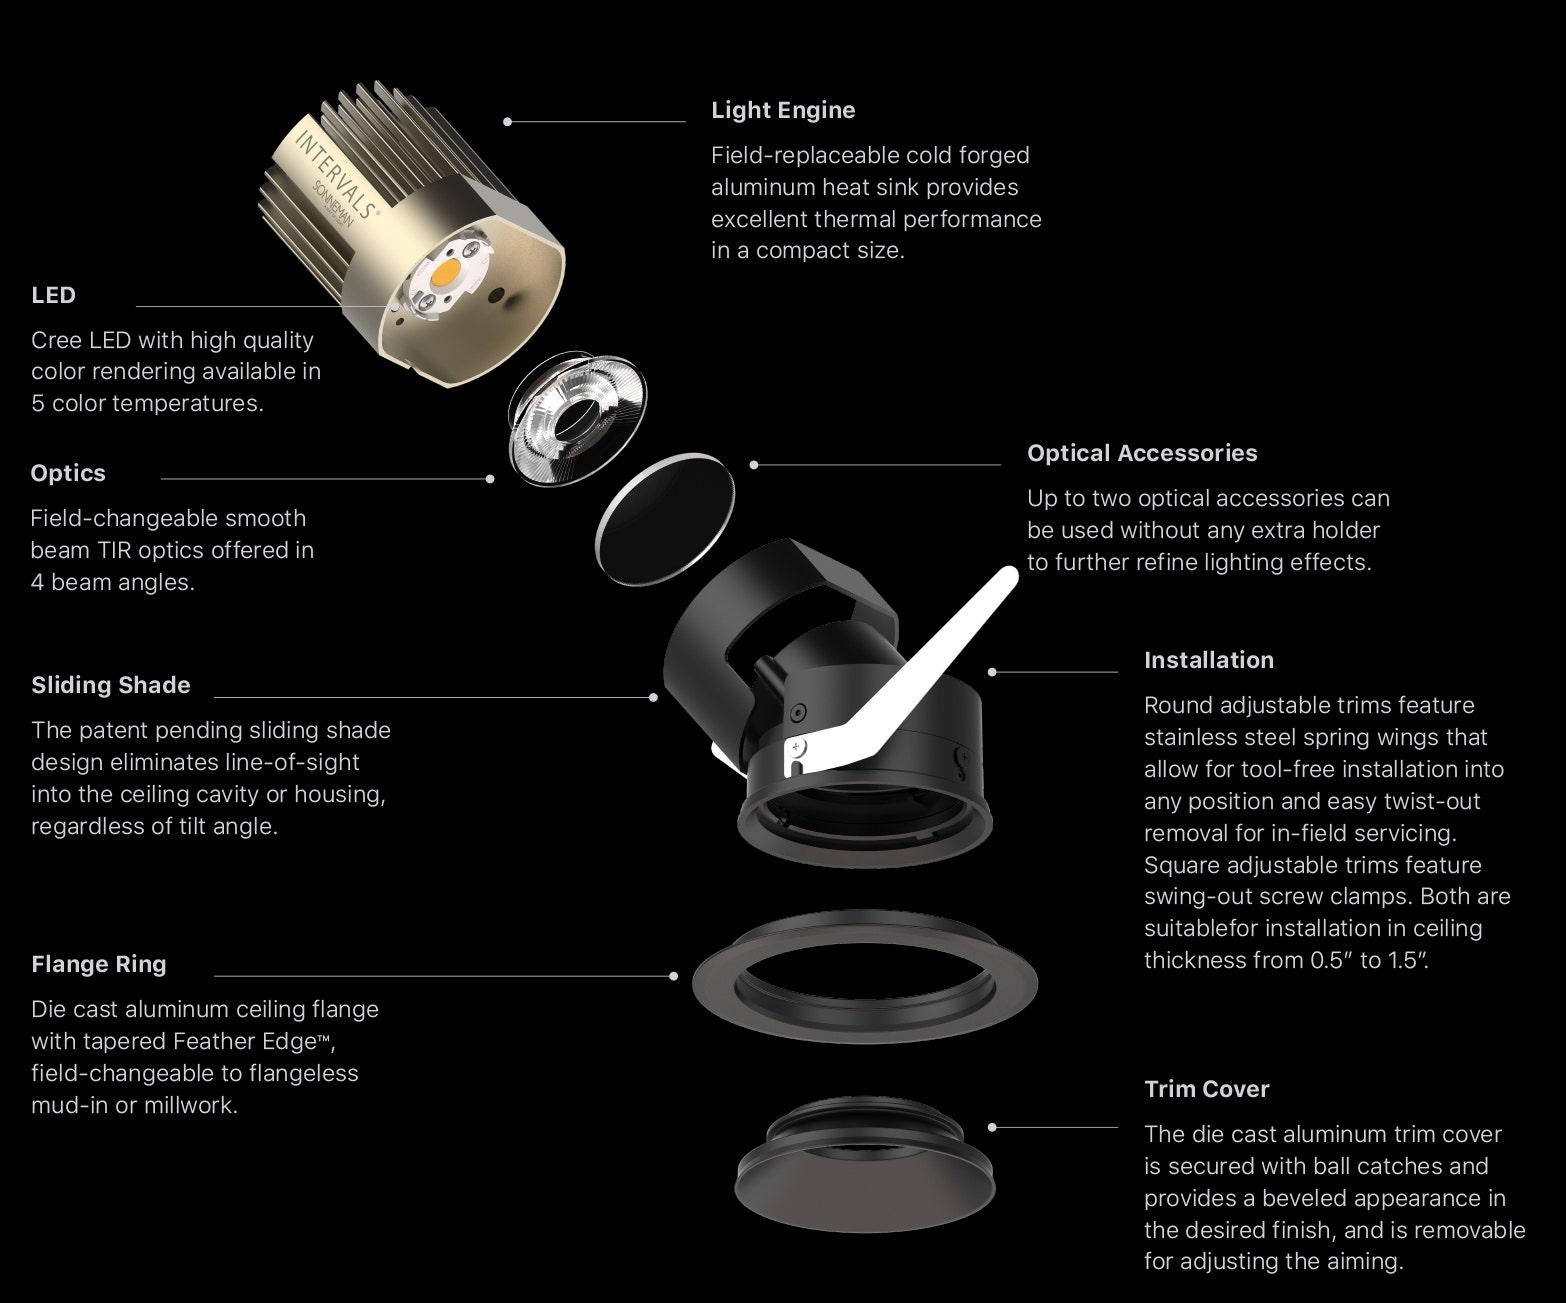 Sonneman Intervals Modularity 3 inch round adjustable